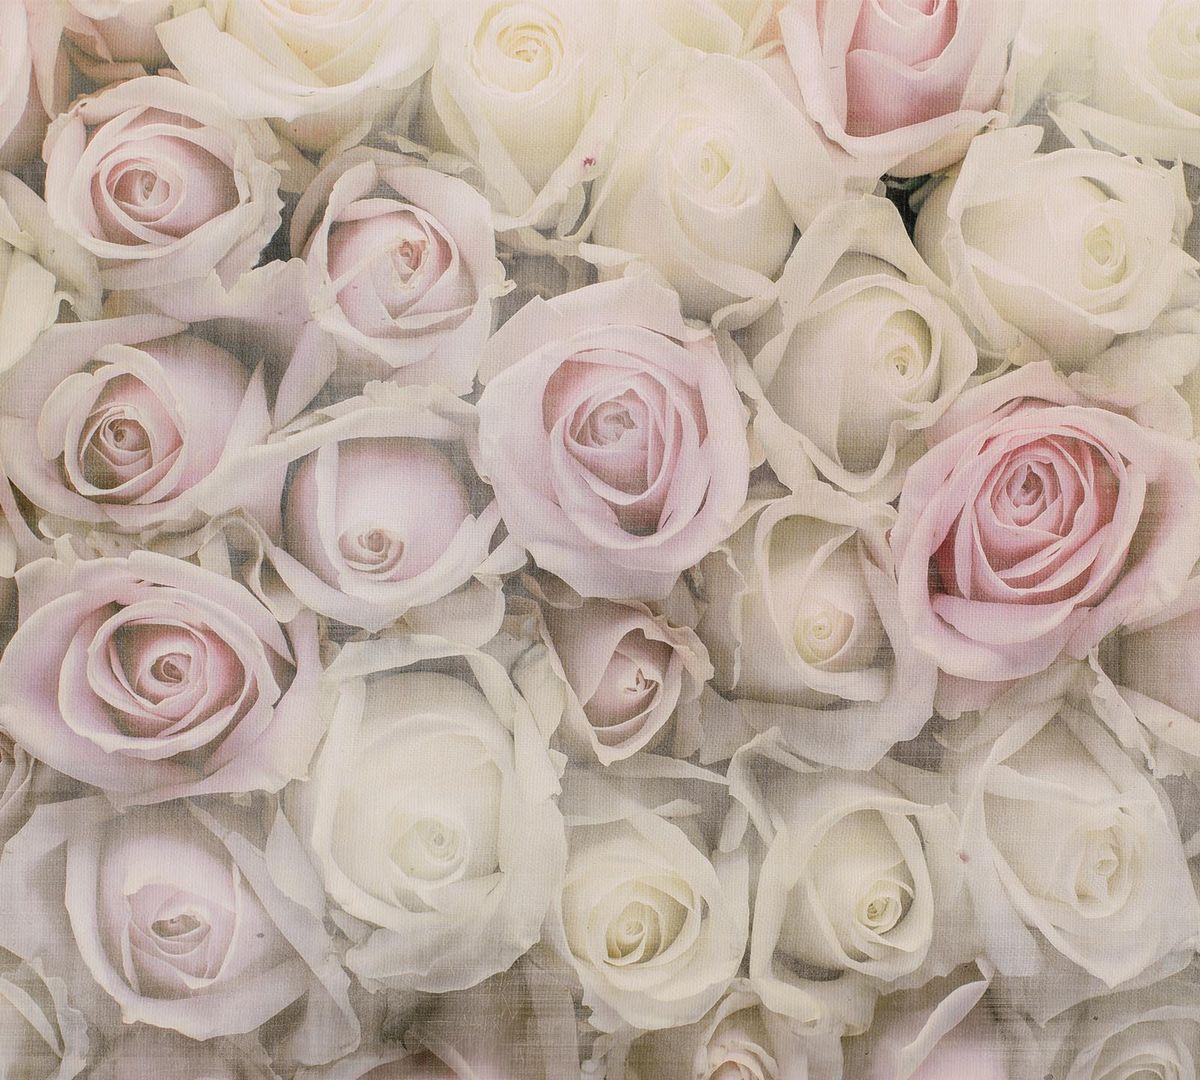 Фотообои Milan Розовая нежность, текстурные, 200 х 180 см. M 518m 518Виниловые обои горячего тиснения на флизелиновой основе MILAN — дизайнерская коллекция фотообоев и фотопанно европейского качества, созданная на основе последних тенденций в мире интерьерной моды. Еще вчера эти тренды демонстрировались на подиумах